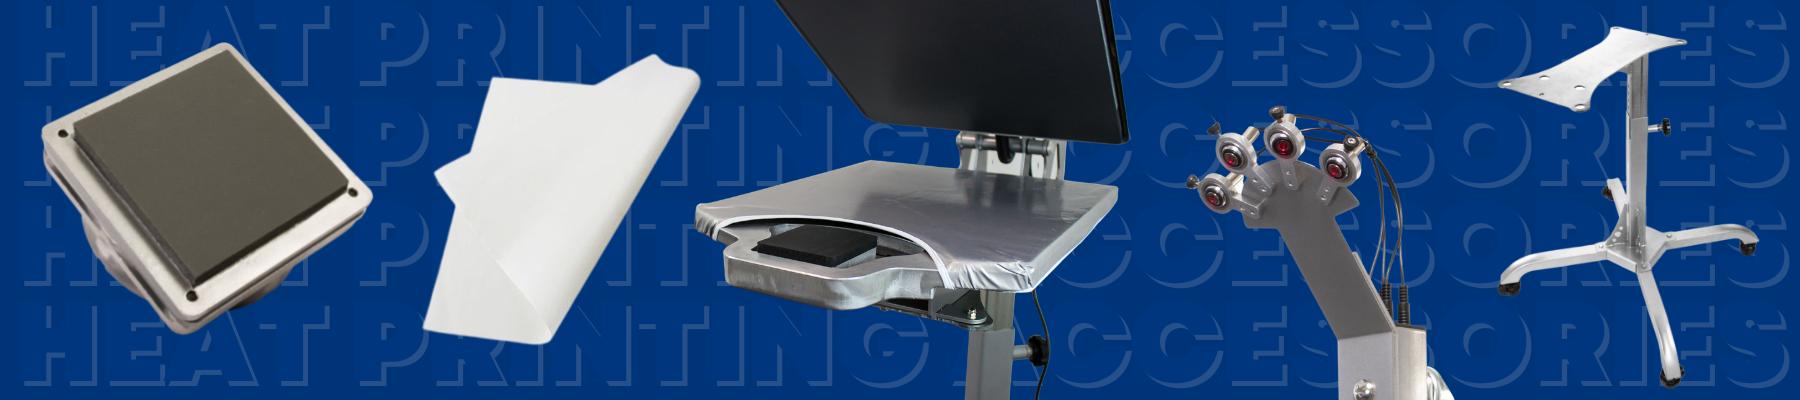 The Ultimate Heat Press & Cutter Accessories